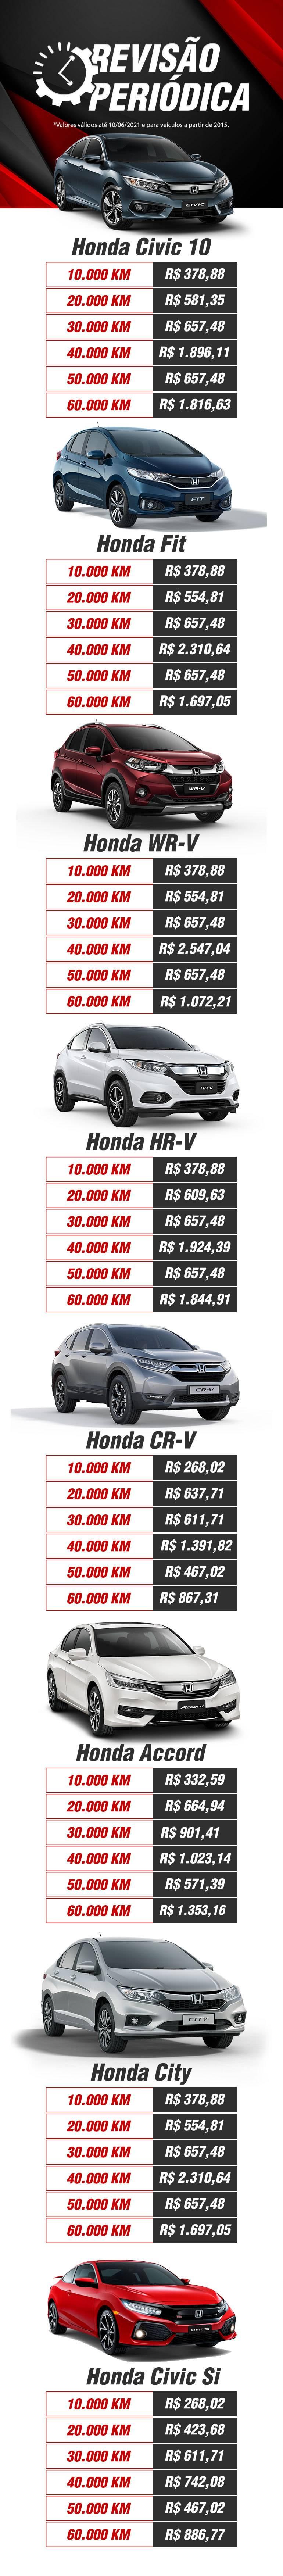 Revisao Periodica Honda